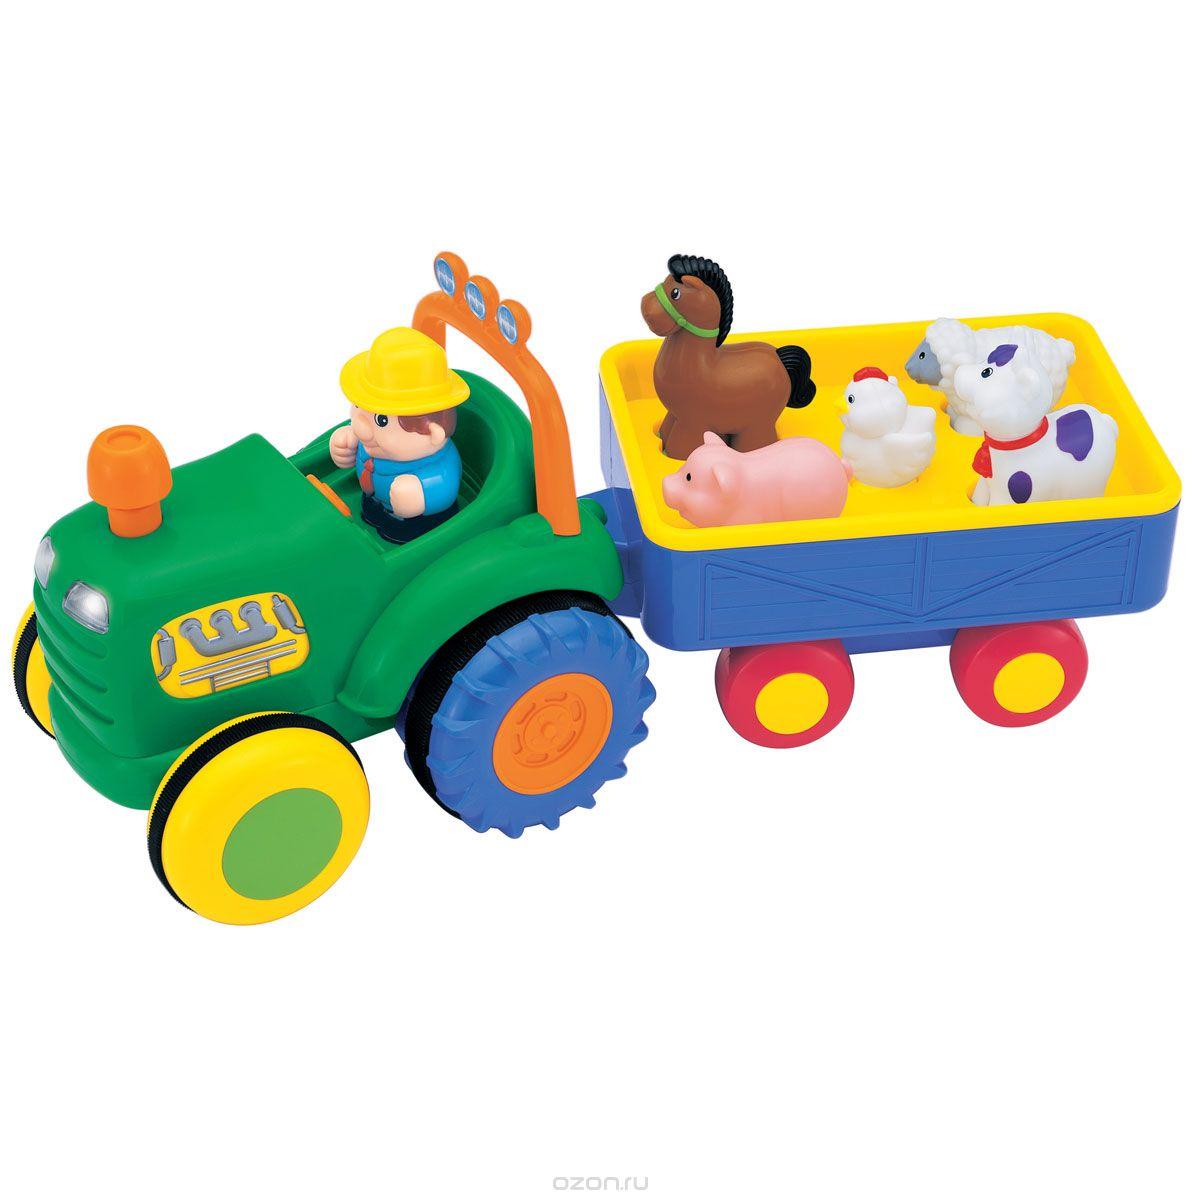 Kiddieland Игровой развивающий центр Трактор фермераKID 049726Игровой развивающий центр Kiddieland Трактор фермера - это яркая многофункциональная игрушка для малышей в виде трактора с мигающими огоньками, приятной музыкой и забавными звуками. Она умеет ездить, что позволяет стимулировать малыша к ползанию или к ходьбе за ней. За рулем трактора сидит веселый фермер, который везет 5 домашних животных: лошадку, поросенка, коровку, овечку и курочку. Зверушки едут в отдельном прицепе, у каждого животного есть свое отдельное место. При нажатии на фигурки они издают соответствующие реалистичные звуки, читают стишки, а фермер поет песенку. Трактор начинает движение, если нажать на трубу, при этом он весело подмигнет фарами малышу. Его движение также сопровождается очень реалистичным звуком двигателя и тормозов. Все фигурки снимаются с трактора, поэтому с ними можно играть отдельно. Игрушка развивает мелкую моторику, мышление, зрительное и звуковое восприятие, повышает двигательную активность малышей. Рекомендуемый возраст: от 12 месяцев. ...